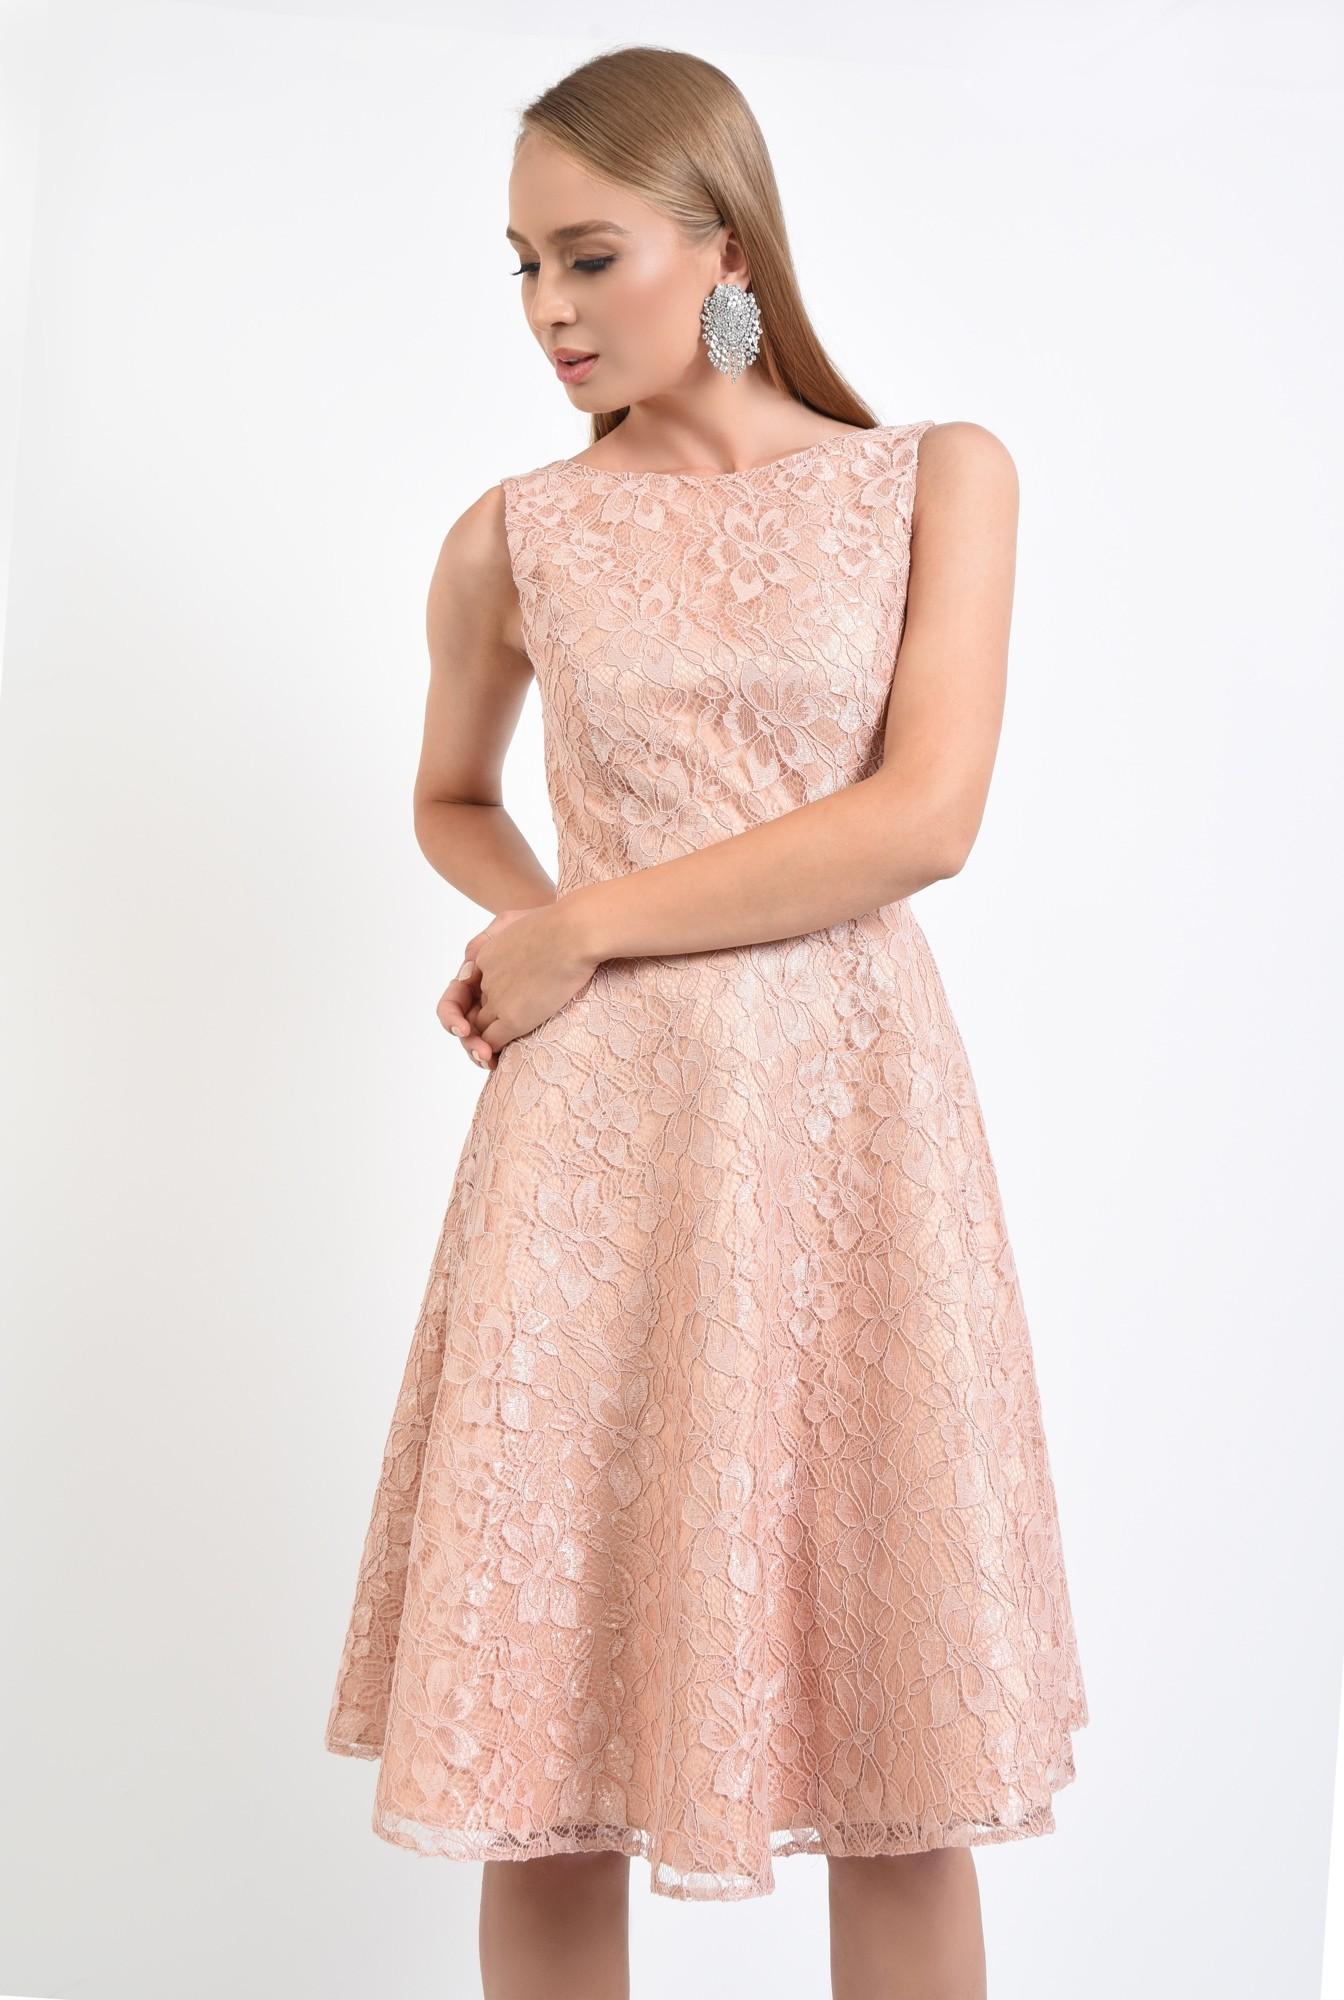 2 - rochie eleganta, peach, spate decoltat, decolteu barcuta